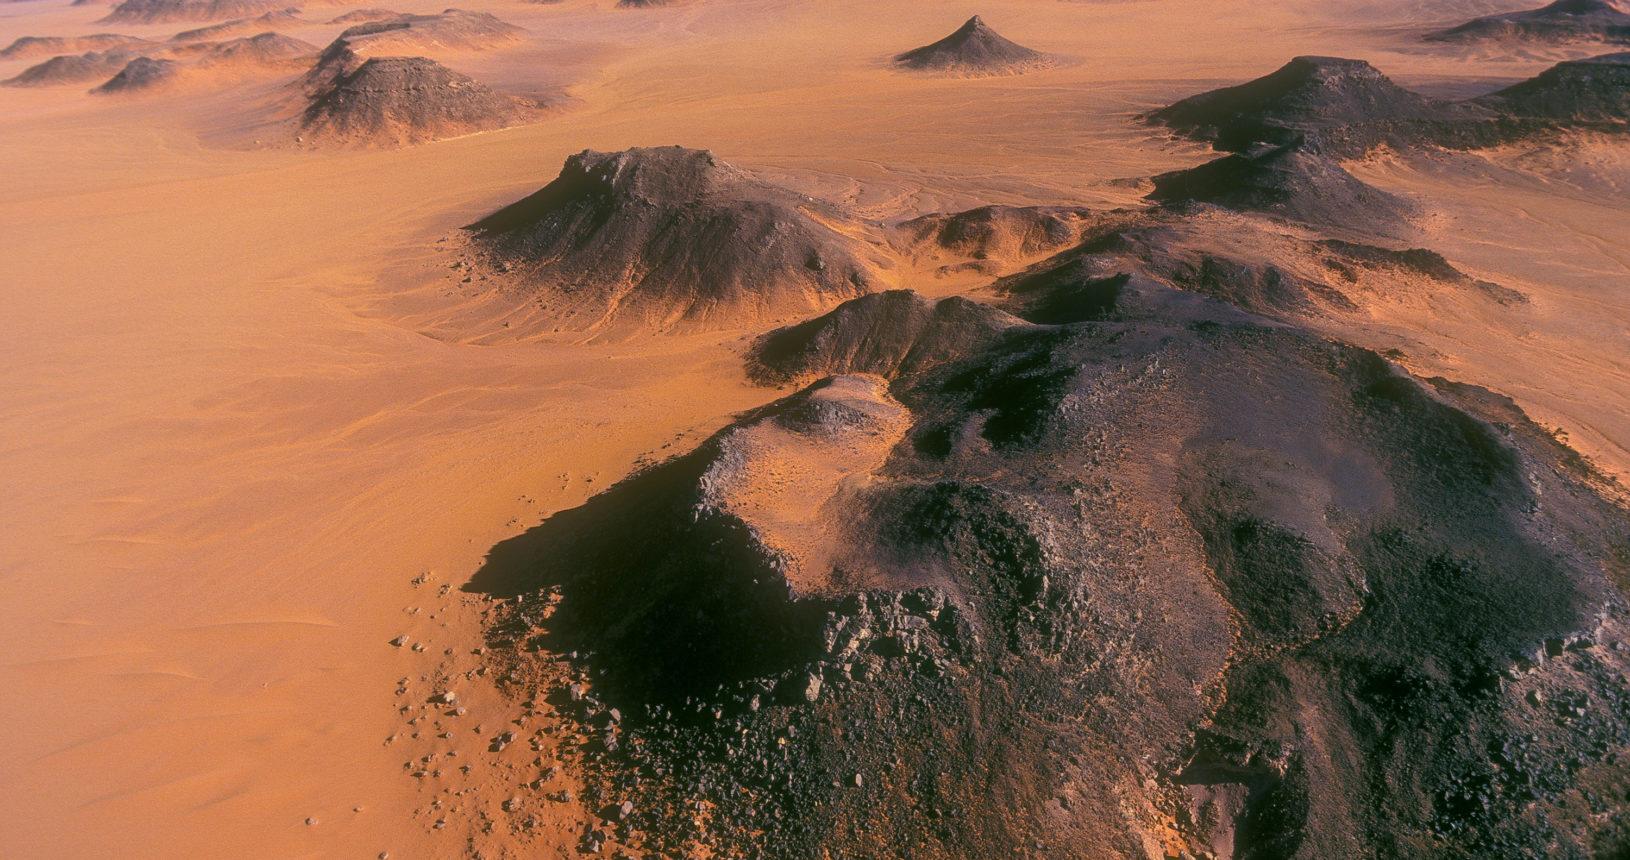 Photographie paysage Afrique Life Views